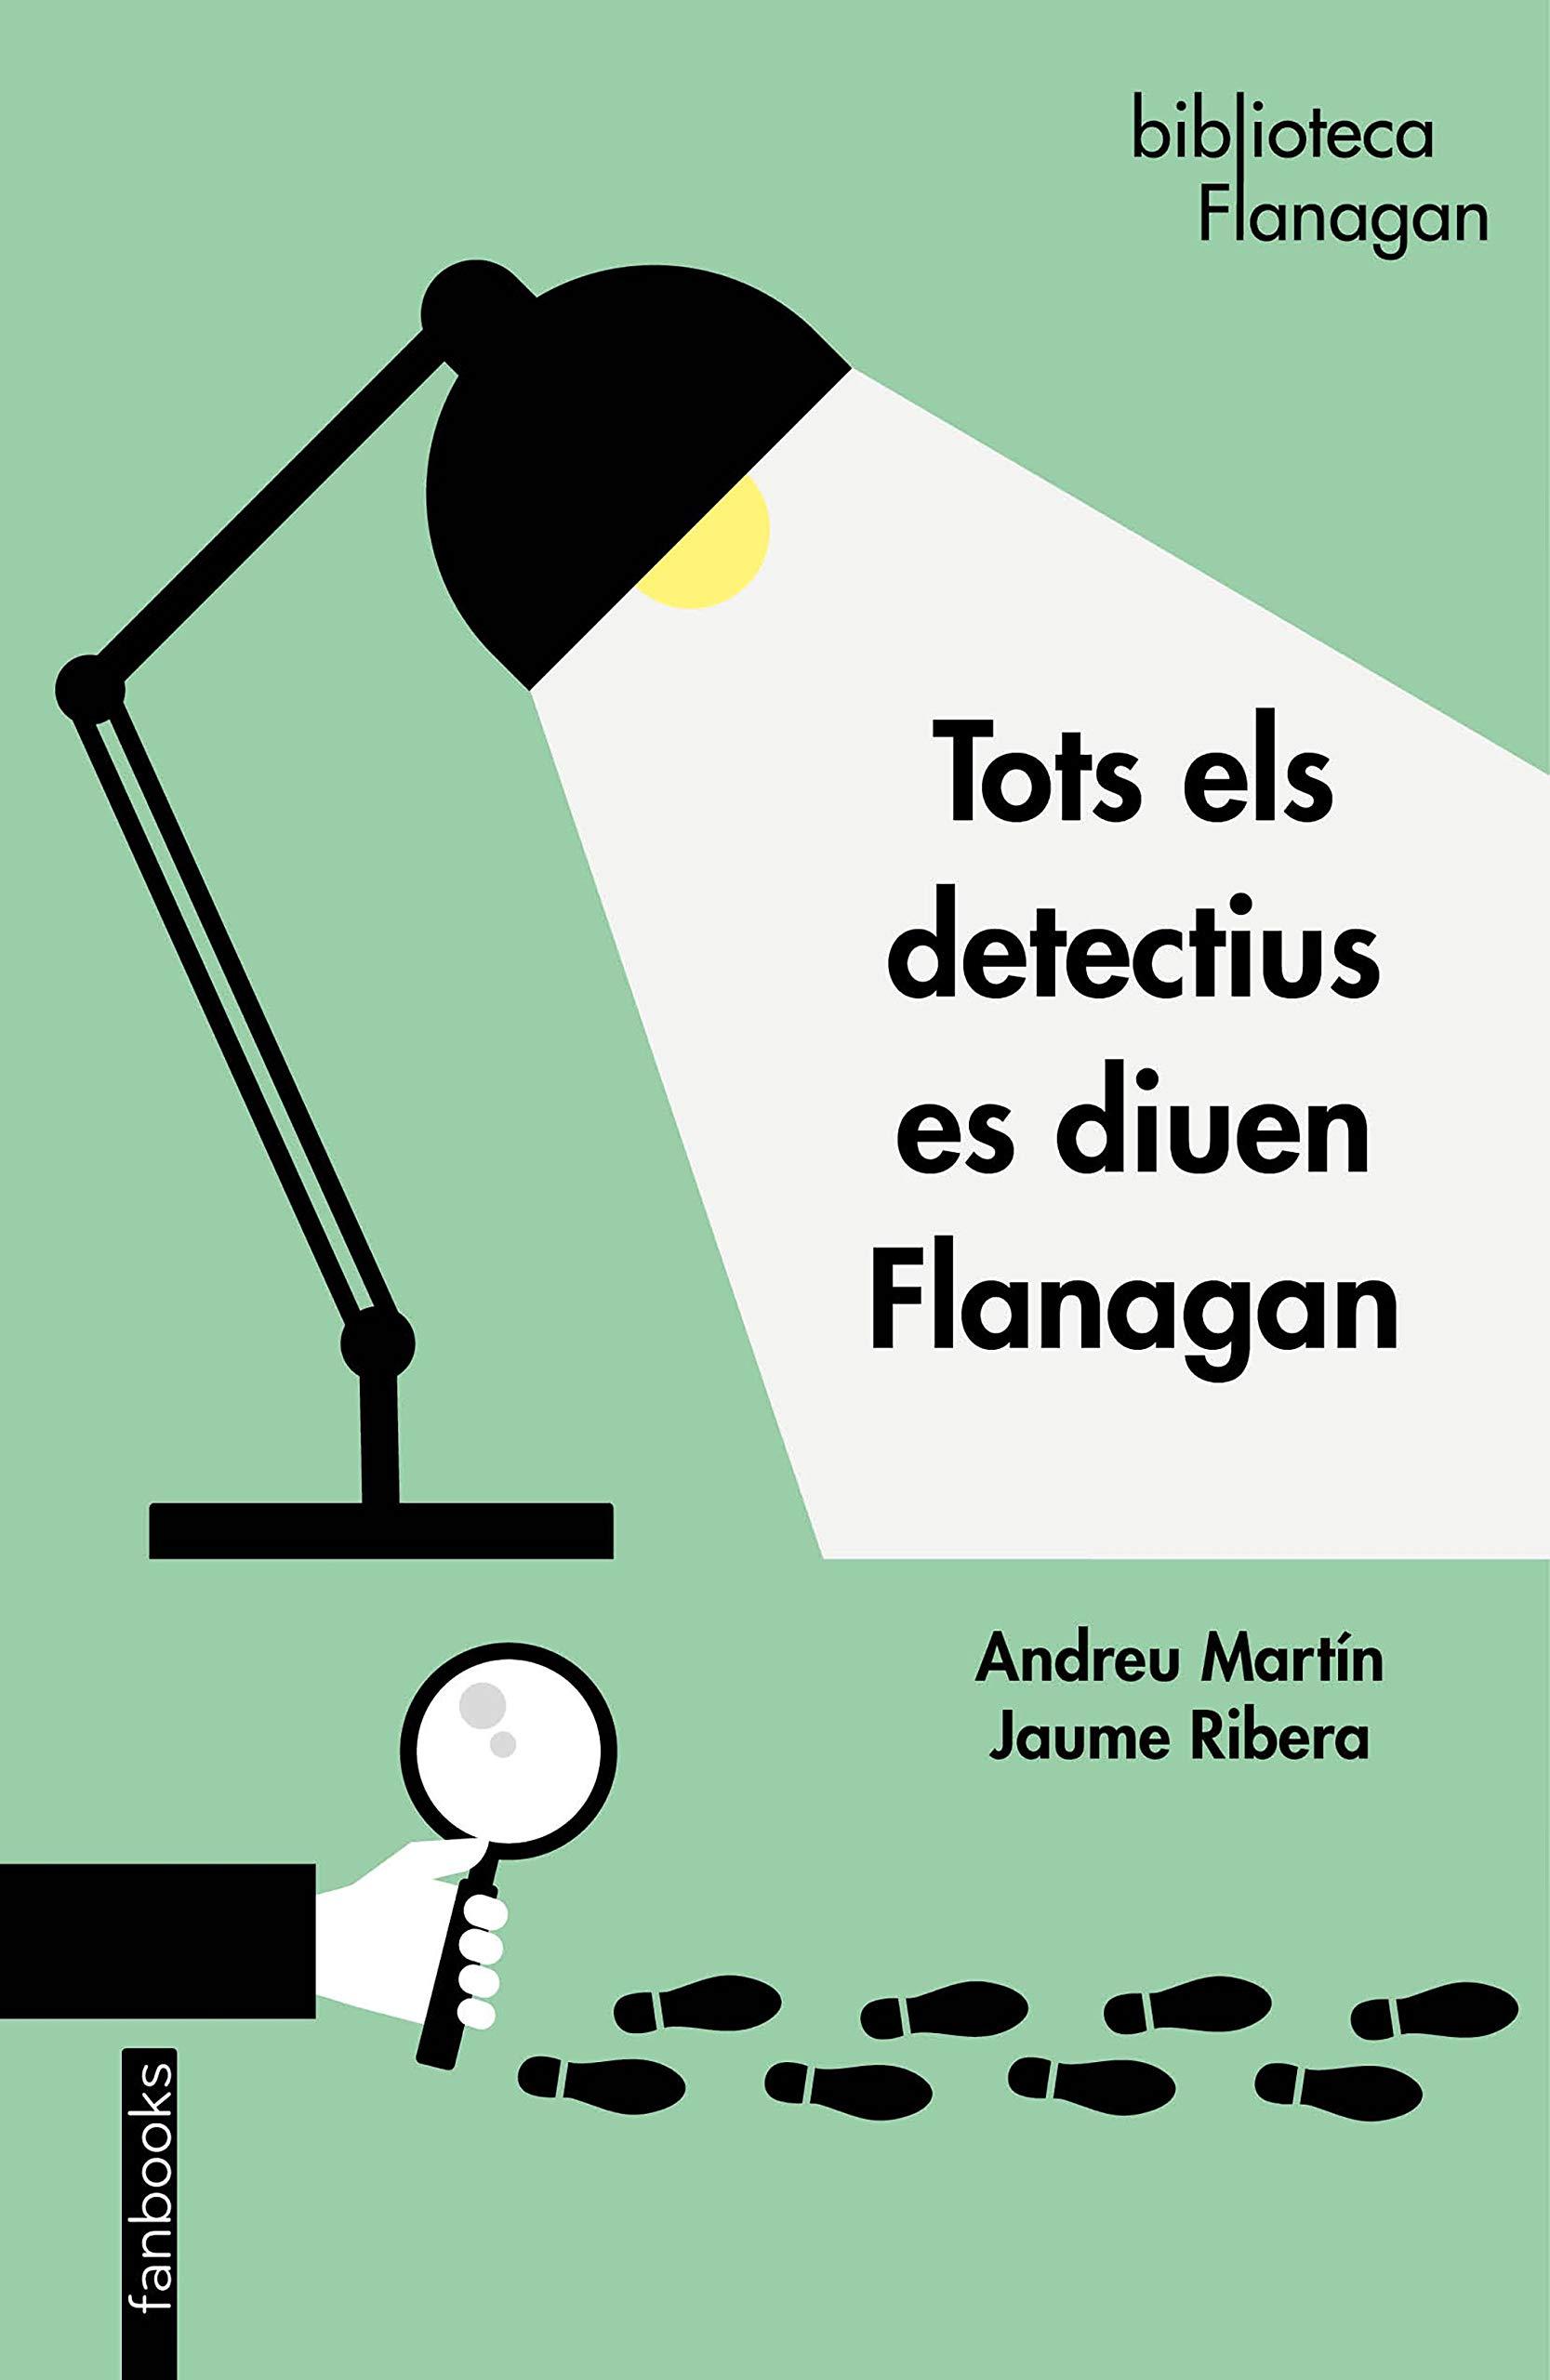 Tots els detectius es diuen Flanagan Biblioteca Flanagan: Amazon.es: Martín Andreu / Ribera Jaume: Libros